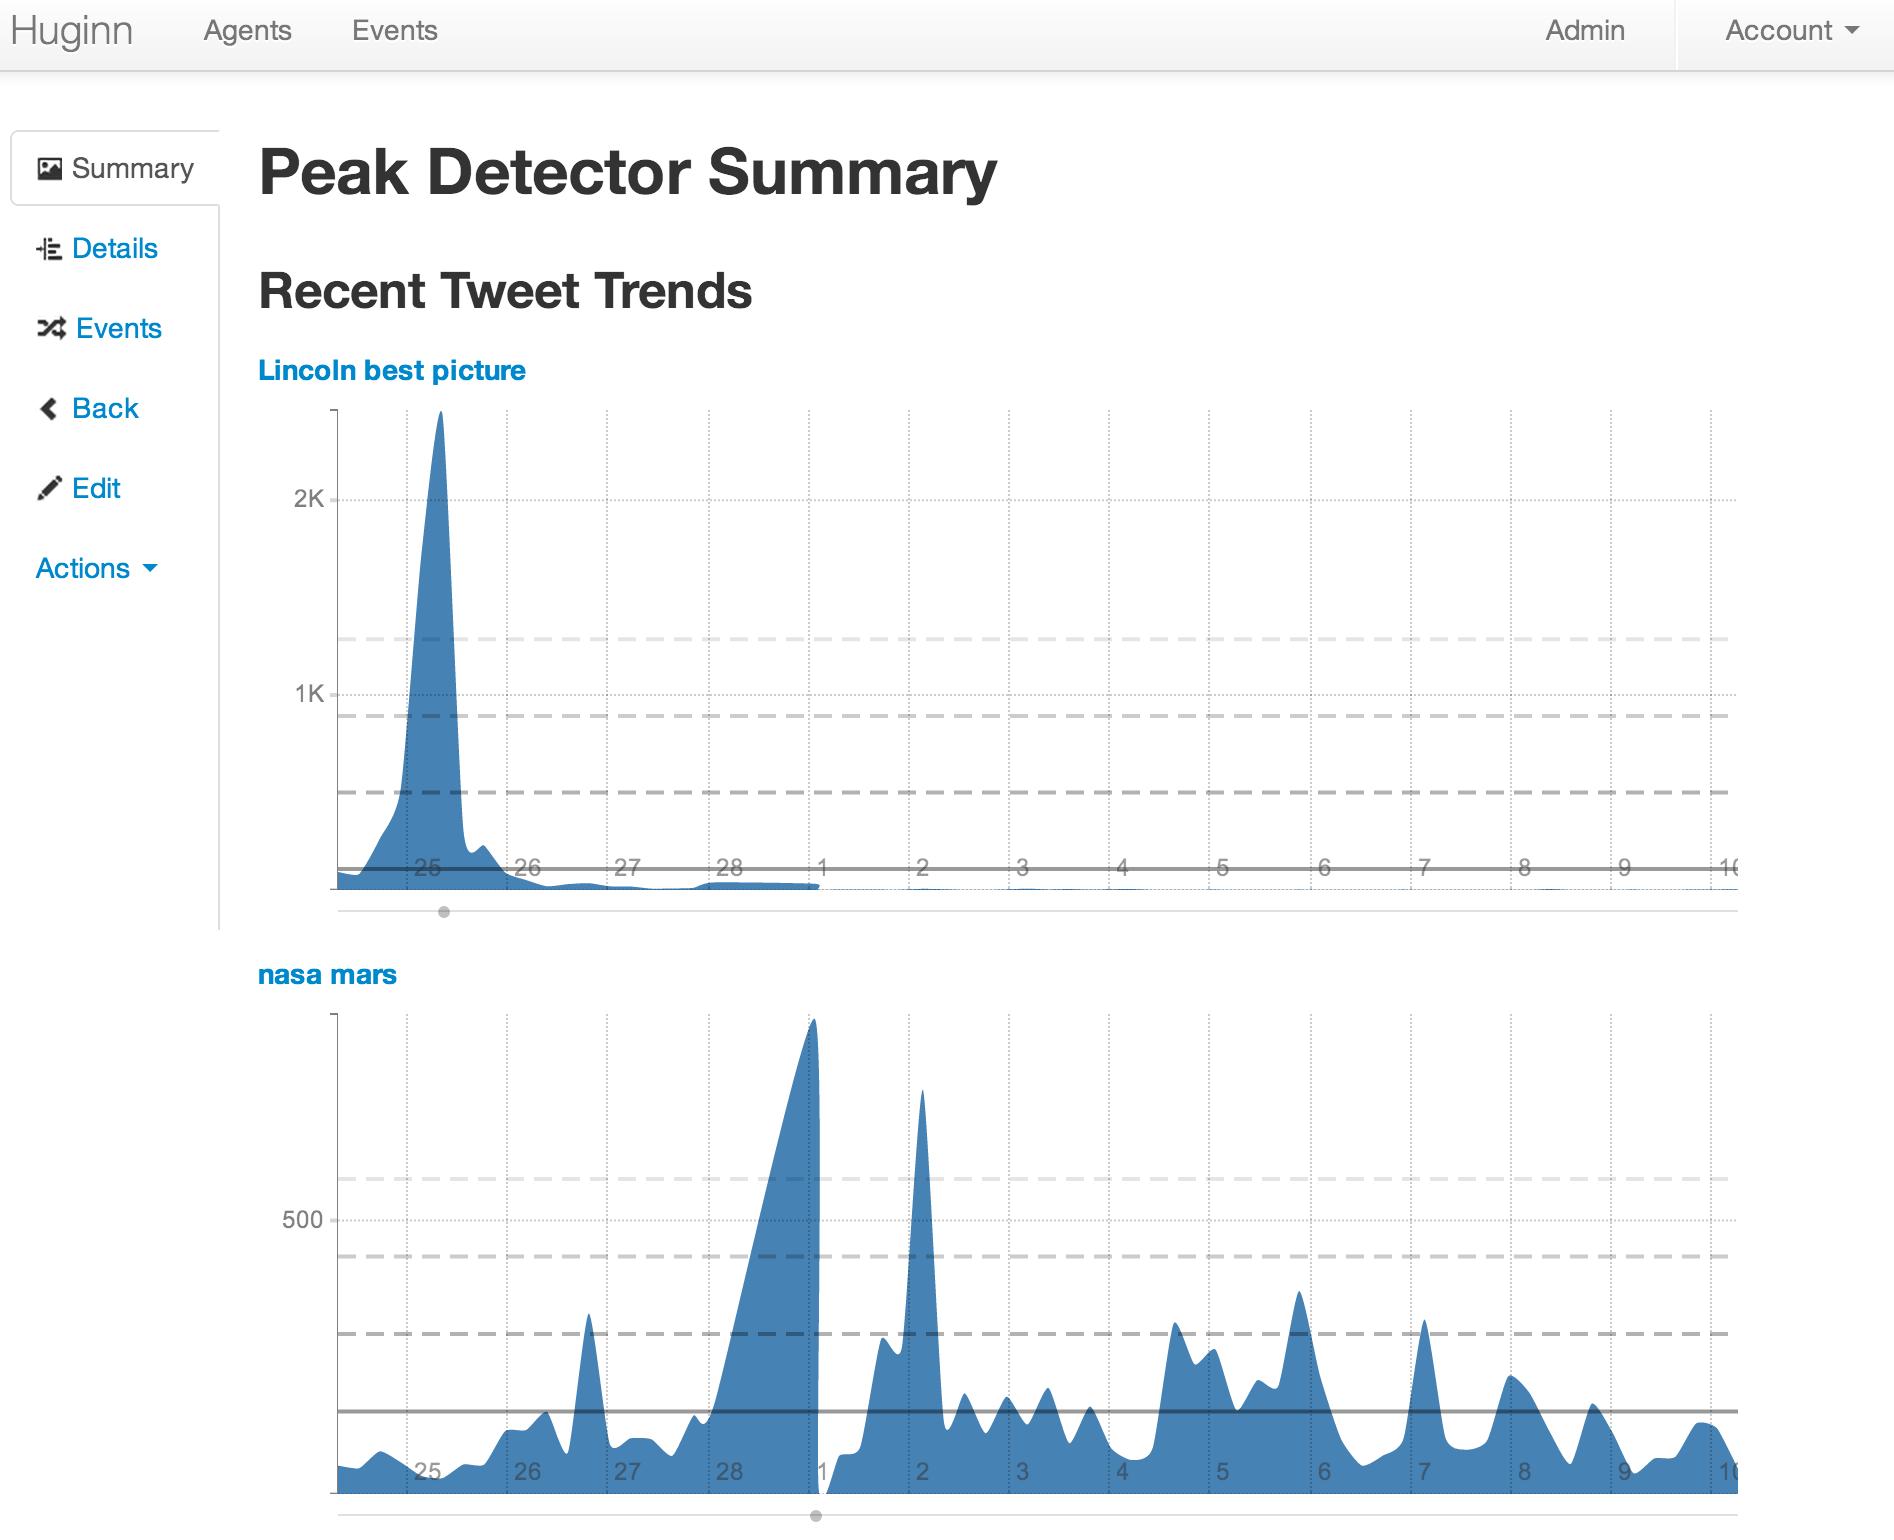 Detecting peaks in Twitter